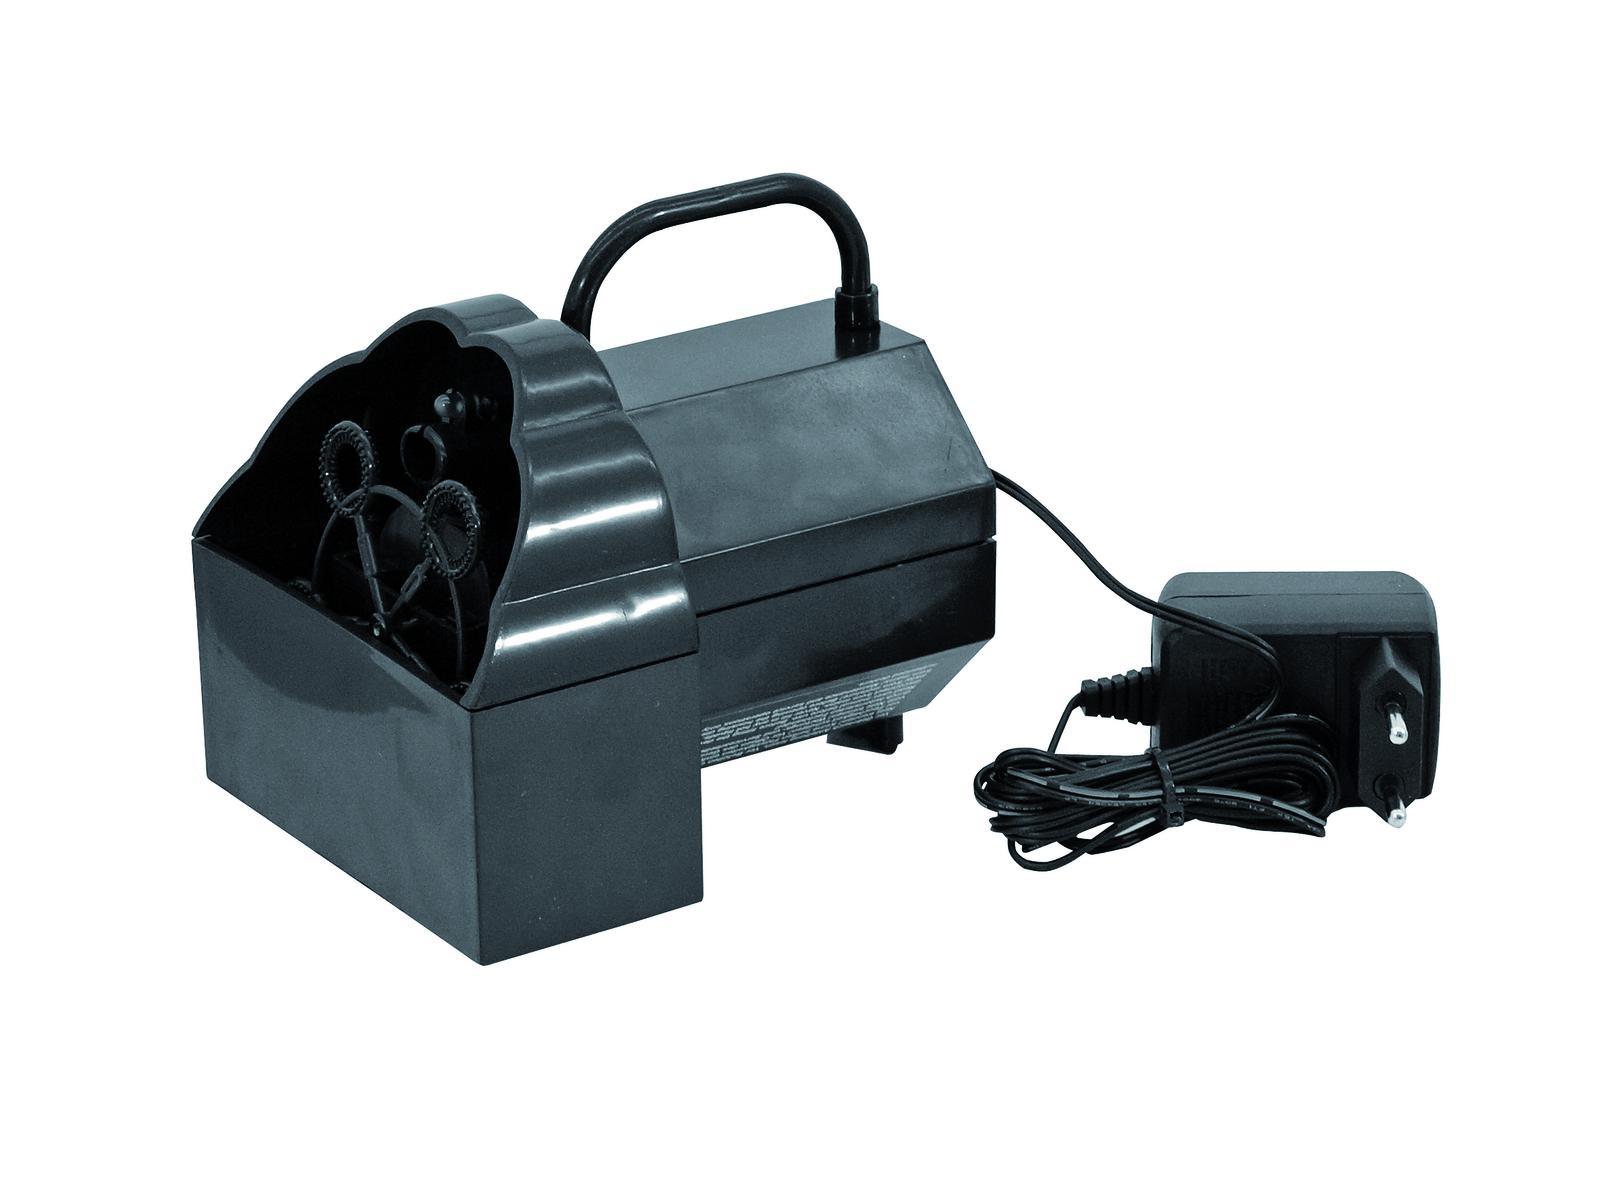 EUROLITE Mini-Seifenblasenmaschine